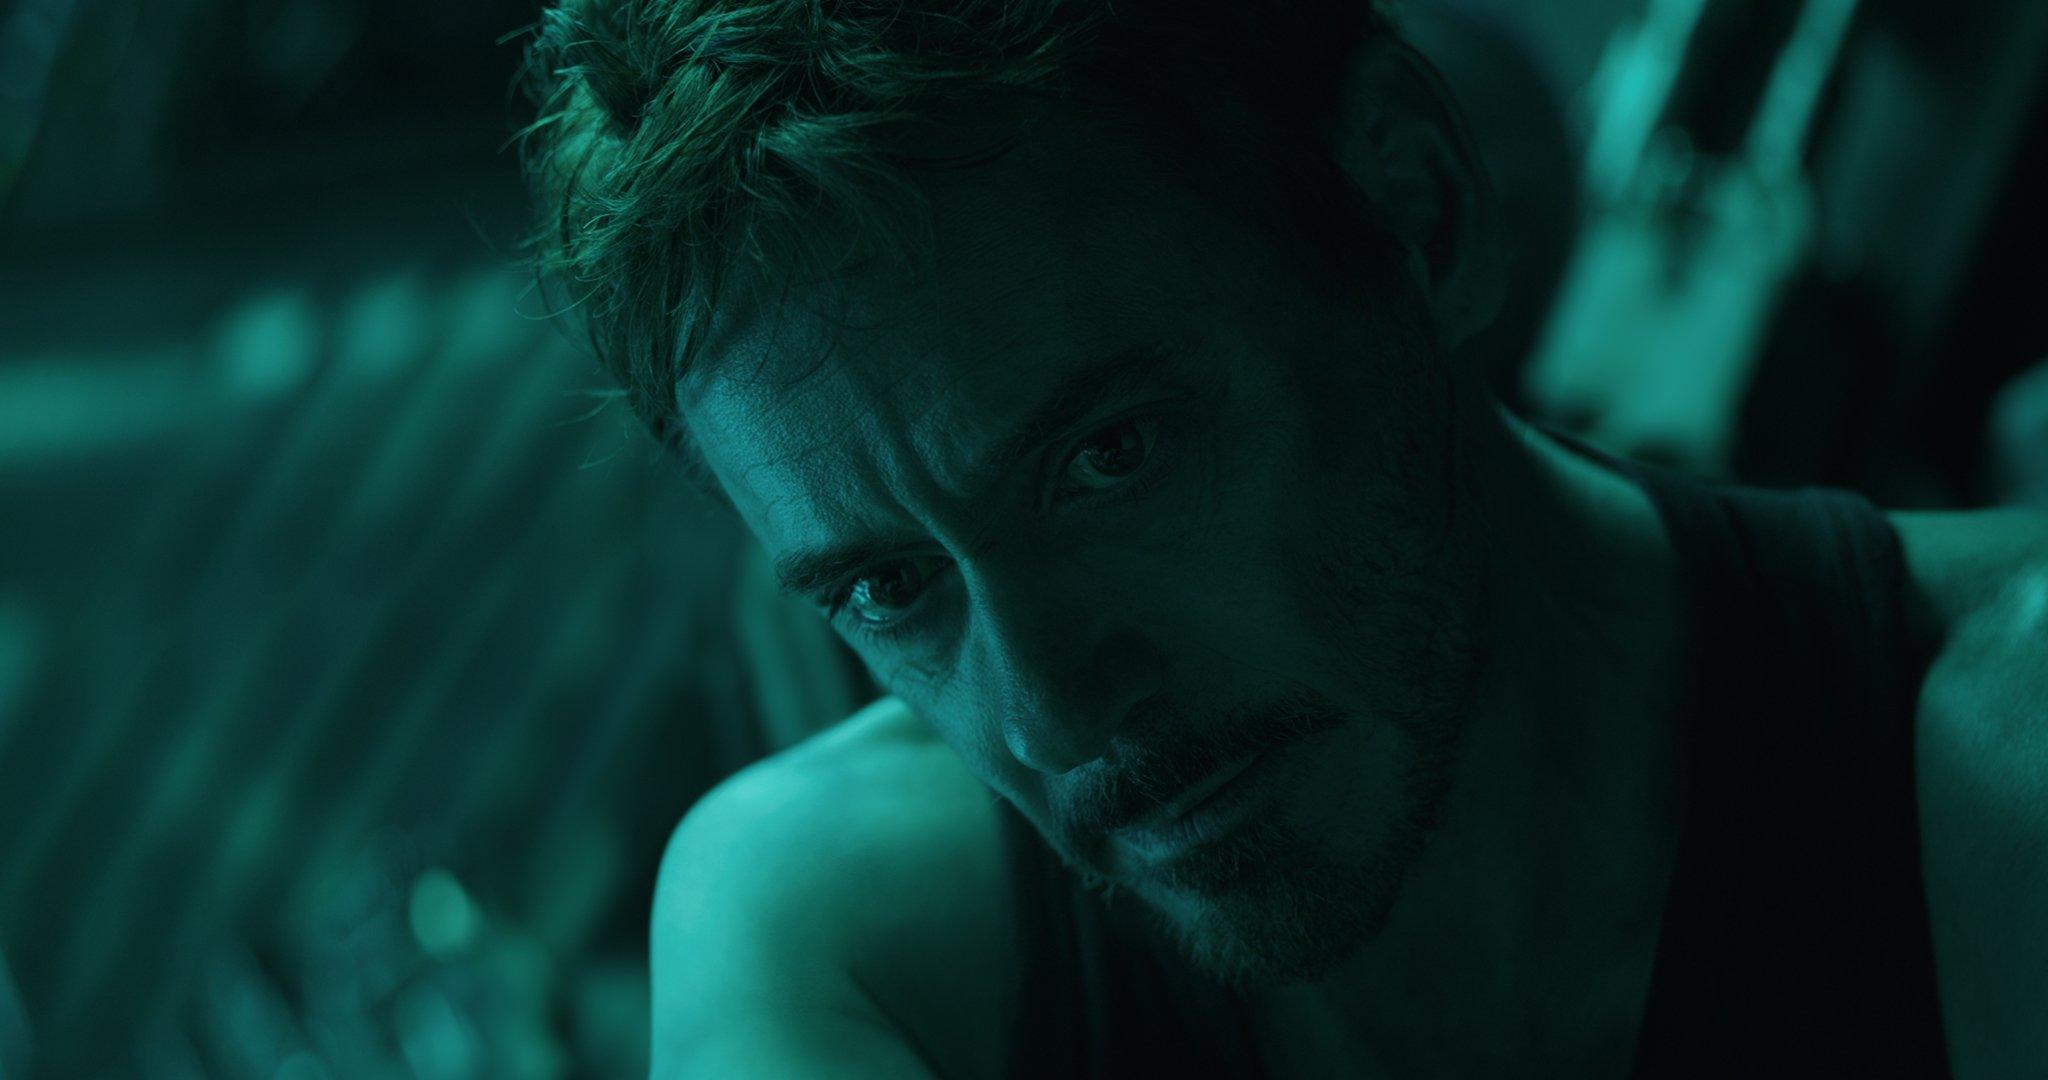 Photo du film Avengers: Endgame avec Tony Stark (Robert Downey Jr.)